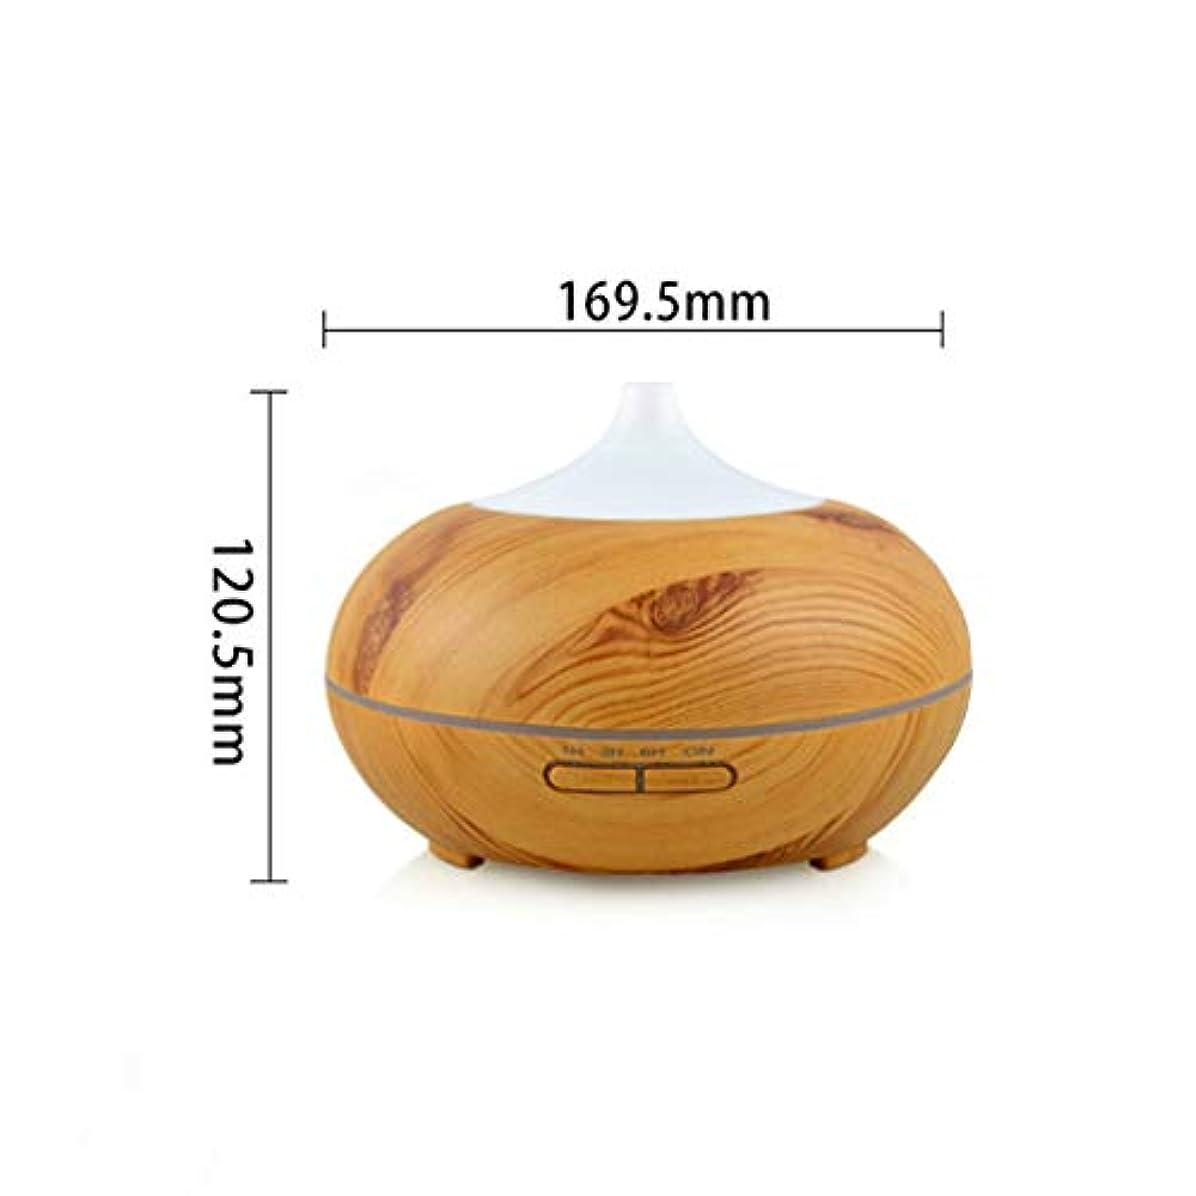 飲食店音声盲信木目 涼しい霧 加湿器,7 色 空気を浄化 加湿機 時間 手動 Wifiアプリコントロール 精油 ディフューザー アロマネブライザー Yoga- 300ml